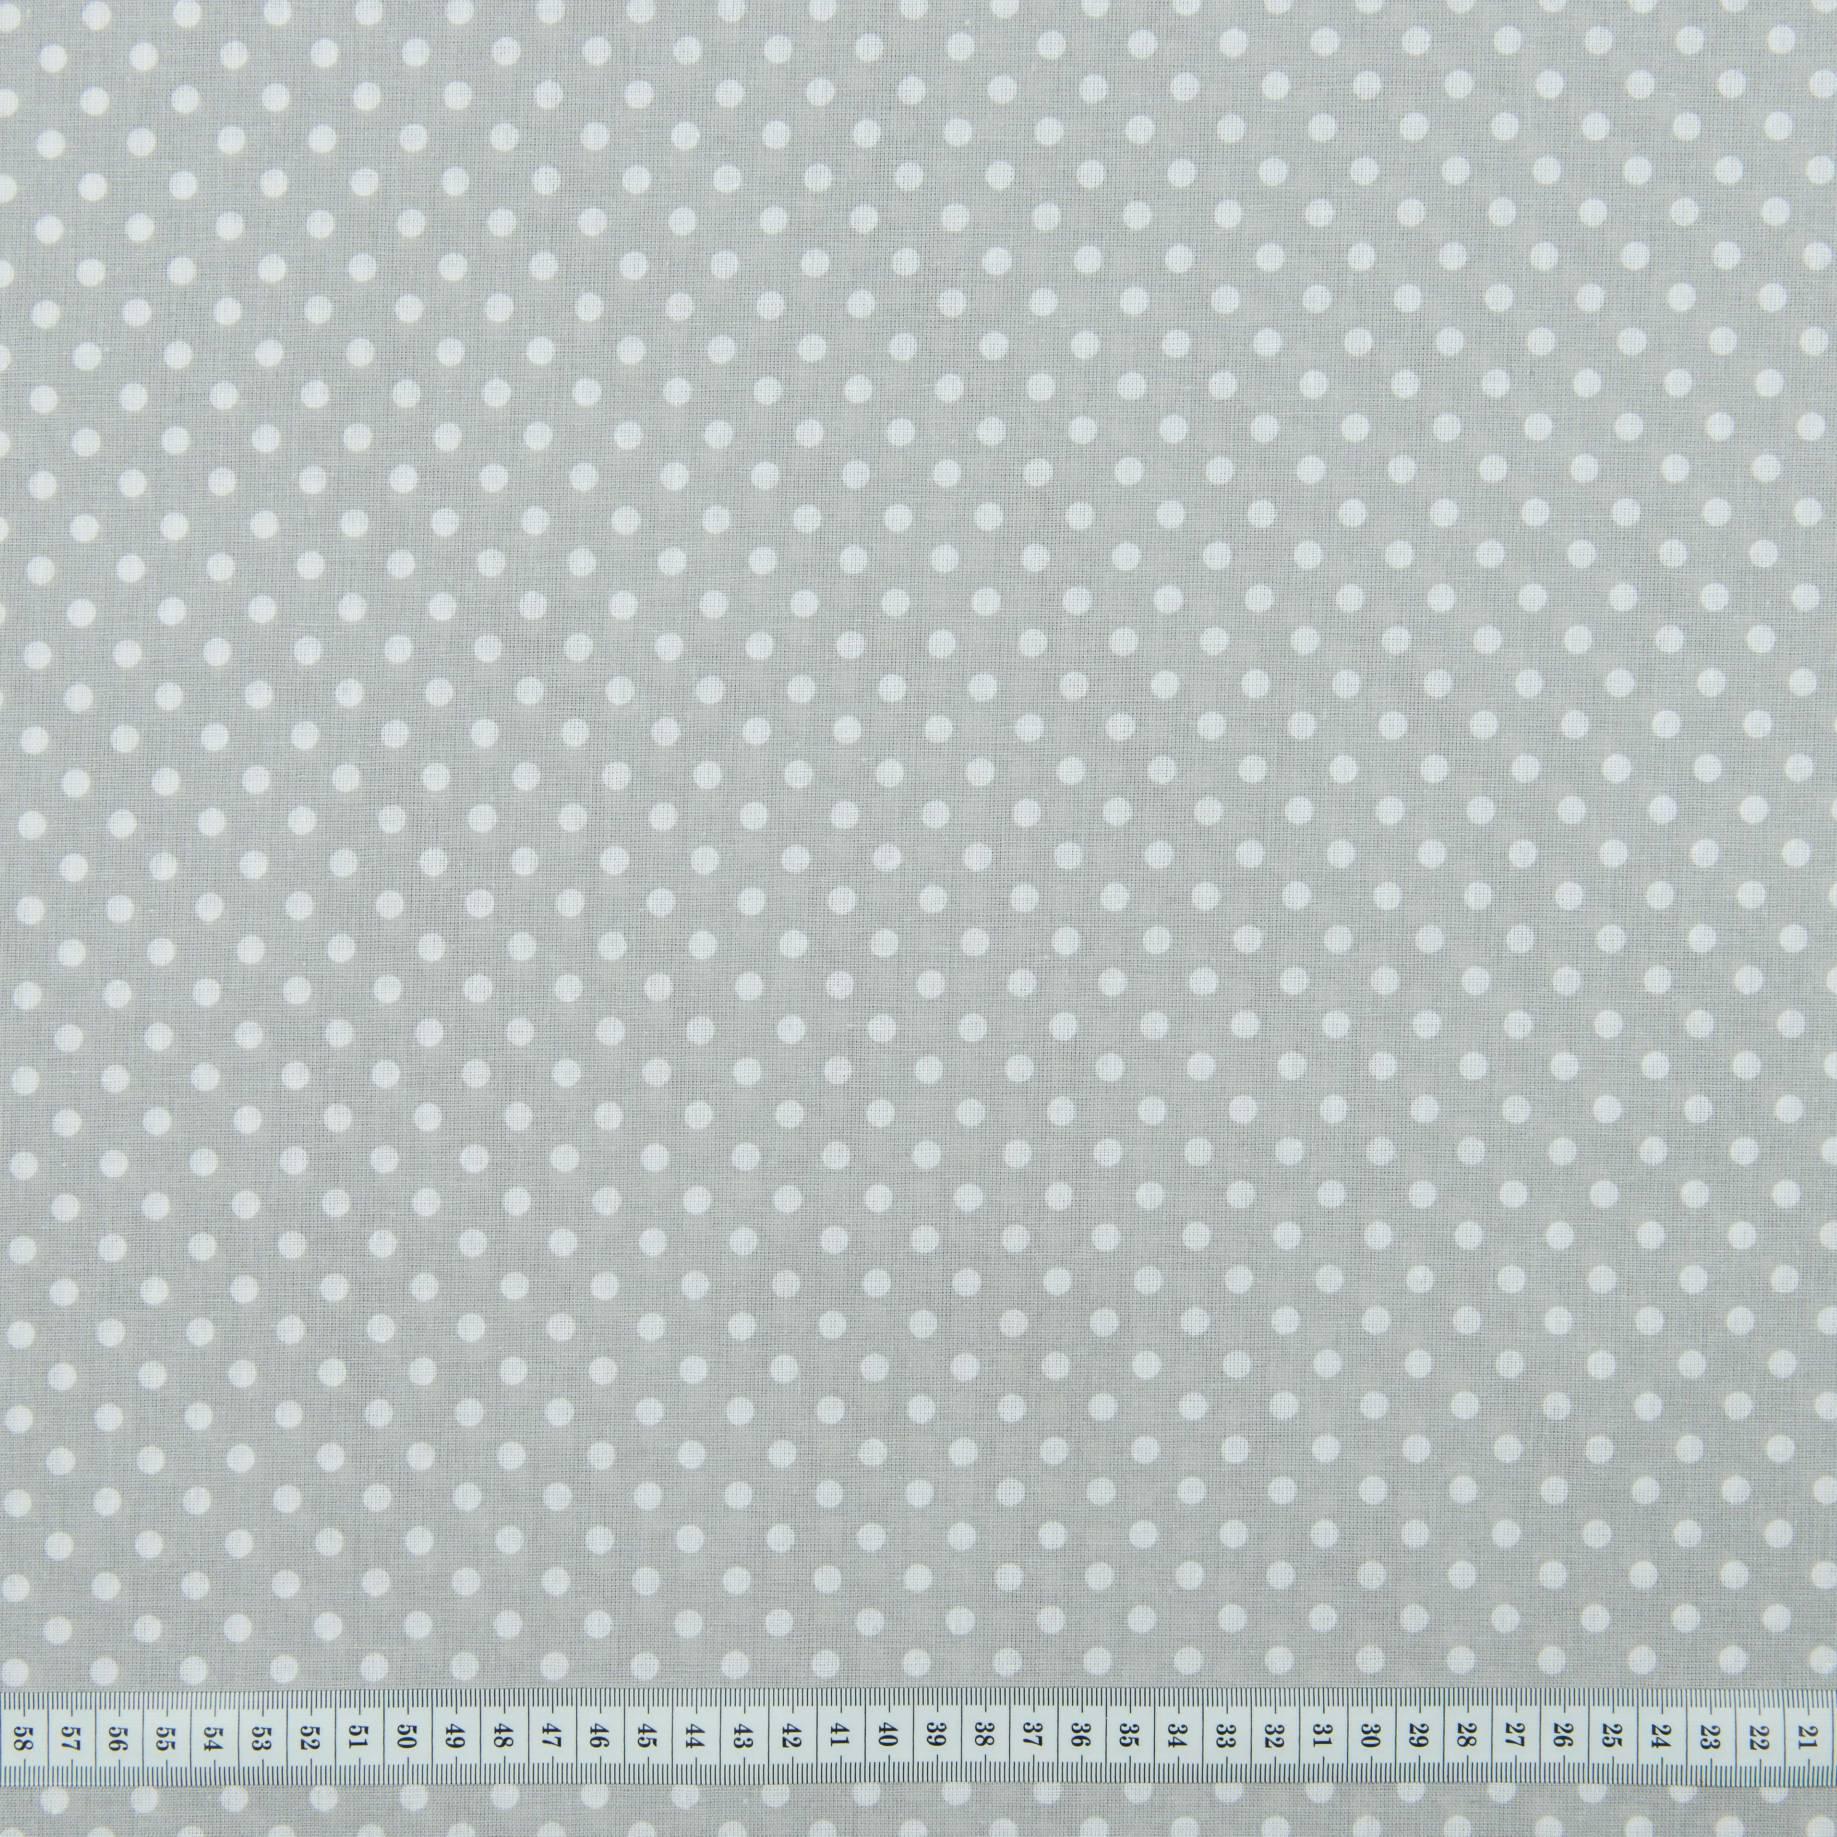 Бязь набивная, Горохи, серая, плотность 120, 50x55, хлопок 100%